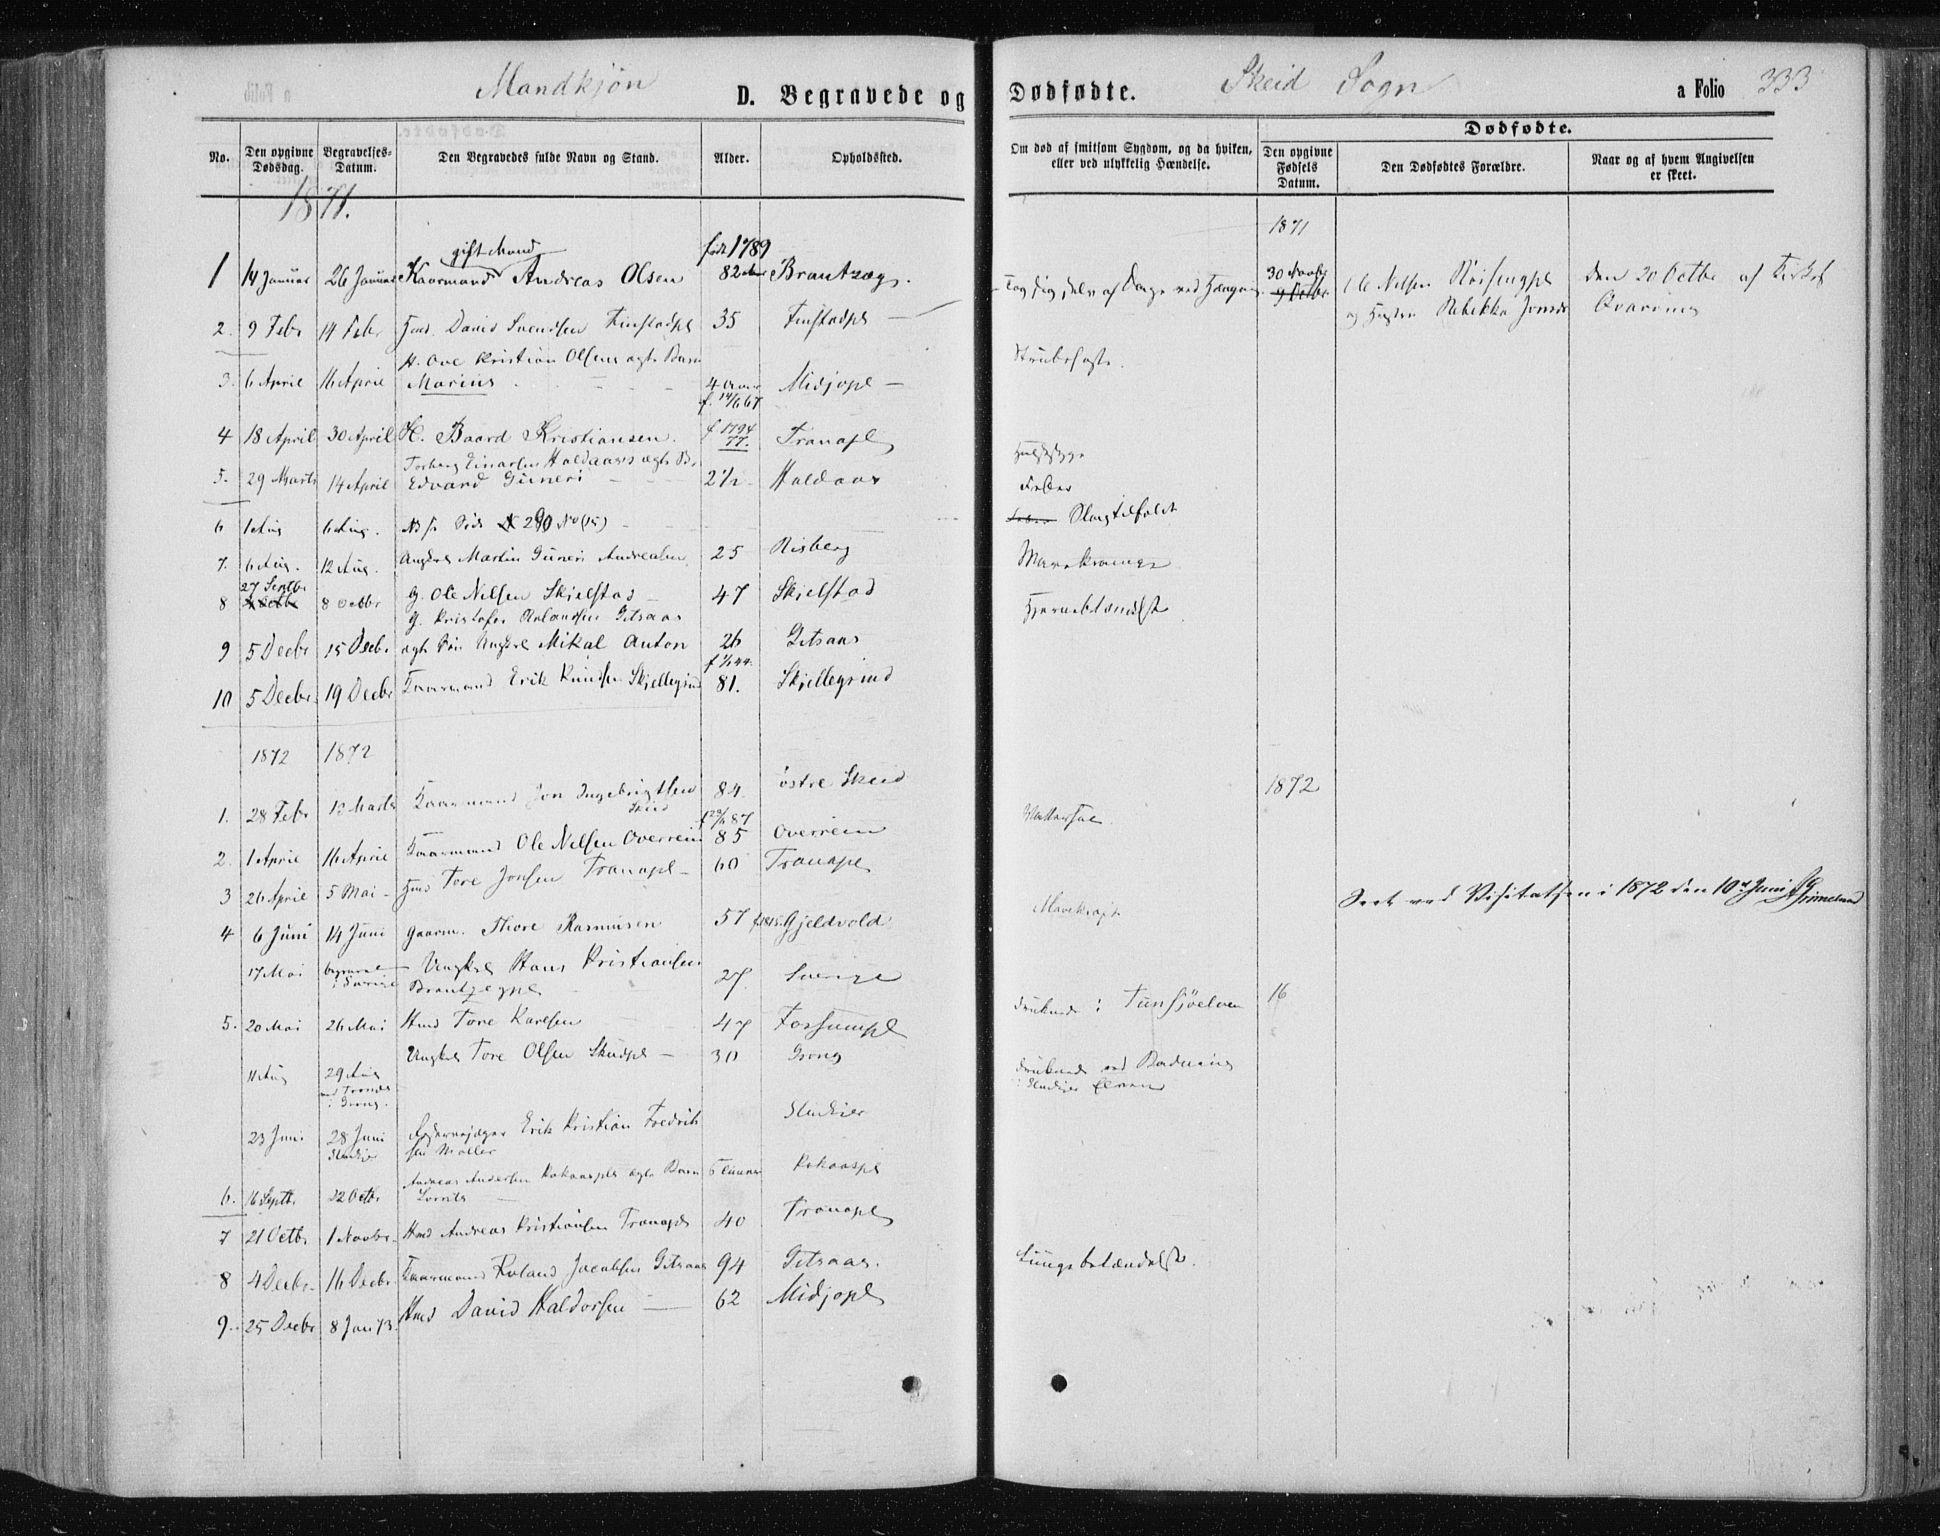 SAT, Ministerialprotokoller, klokkerbøker og fødselsregistre - Nord-Trøndelag, 735/L0345: Ministerialbok nr. 735A08 /2, 1863-1872, s. 333